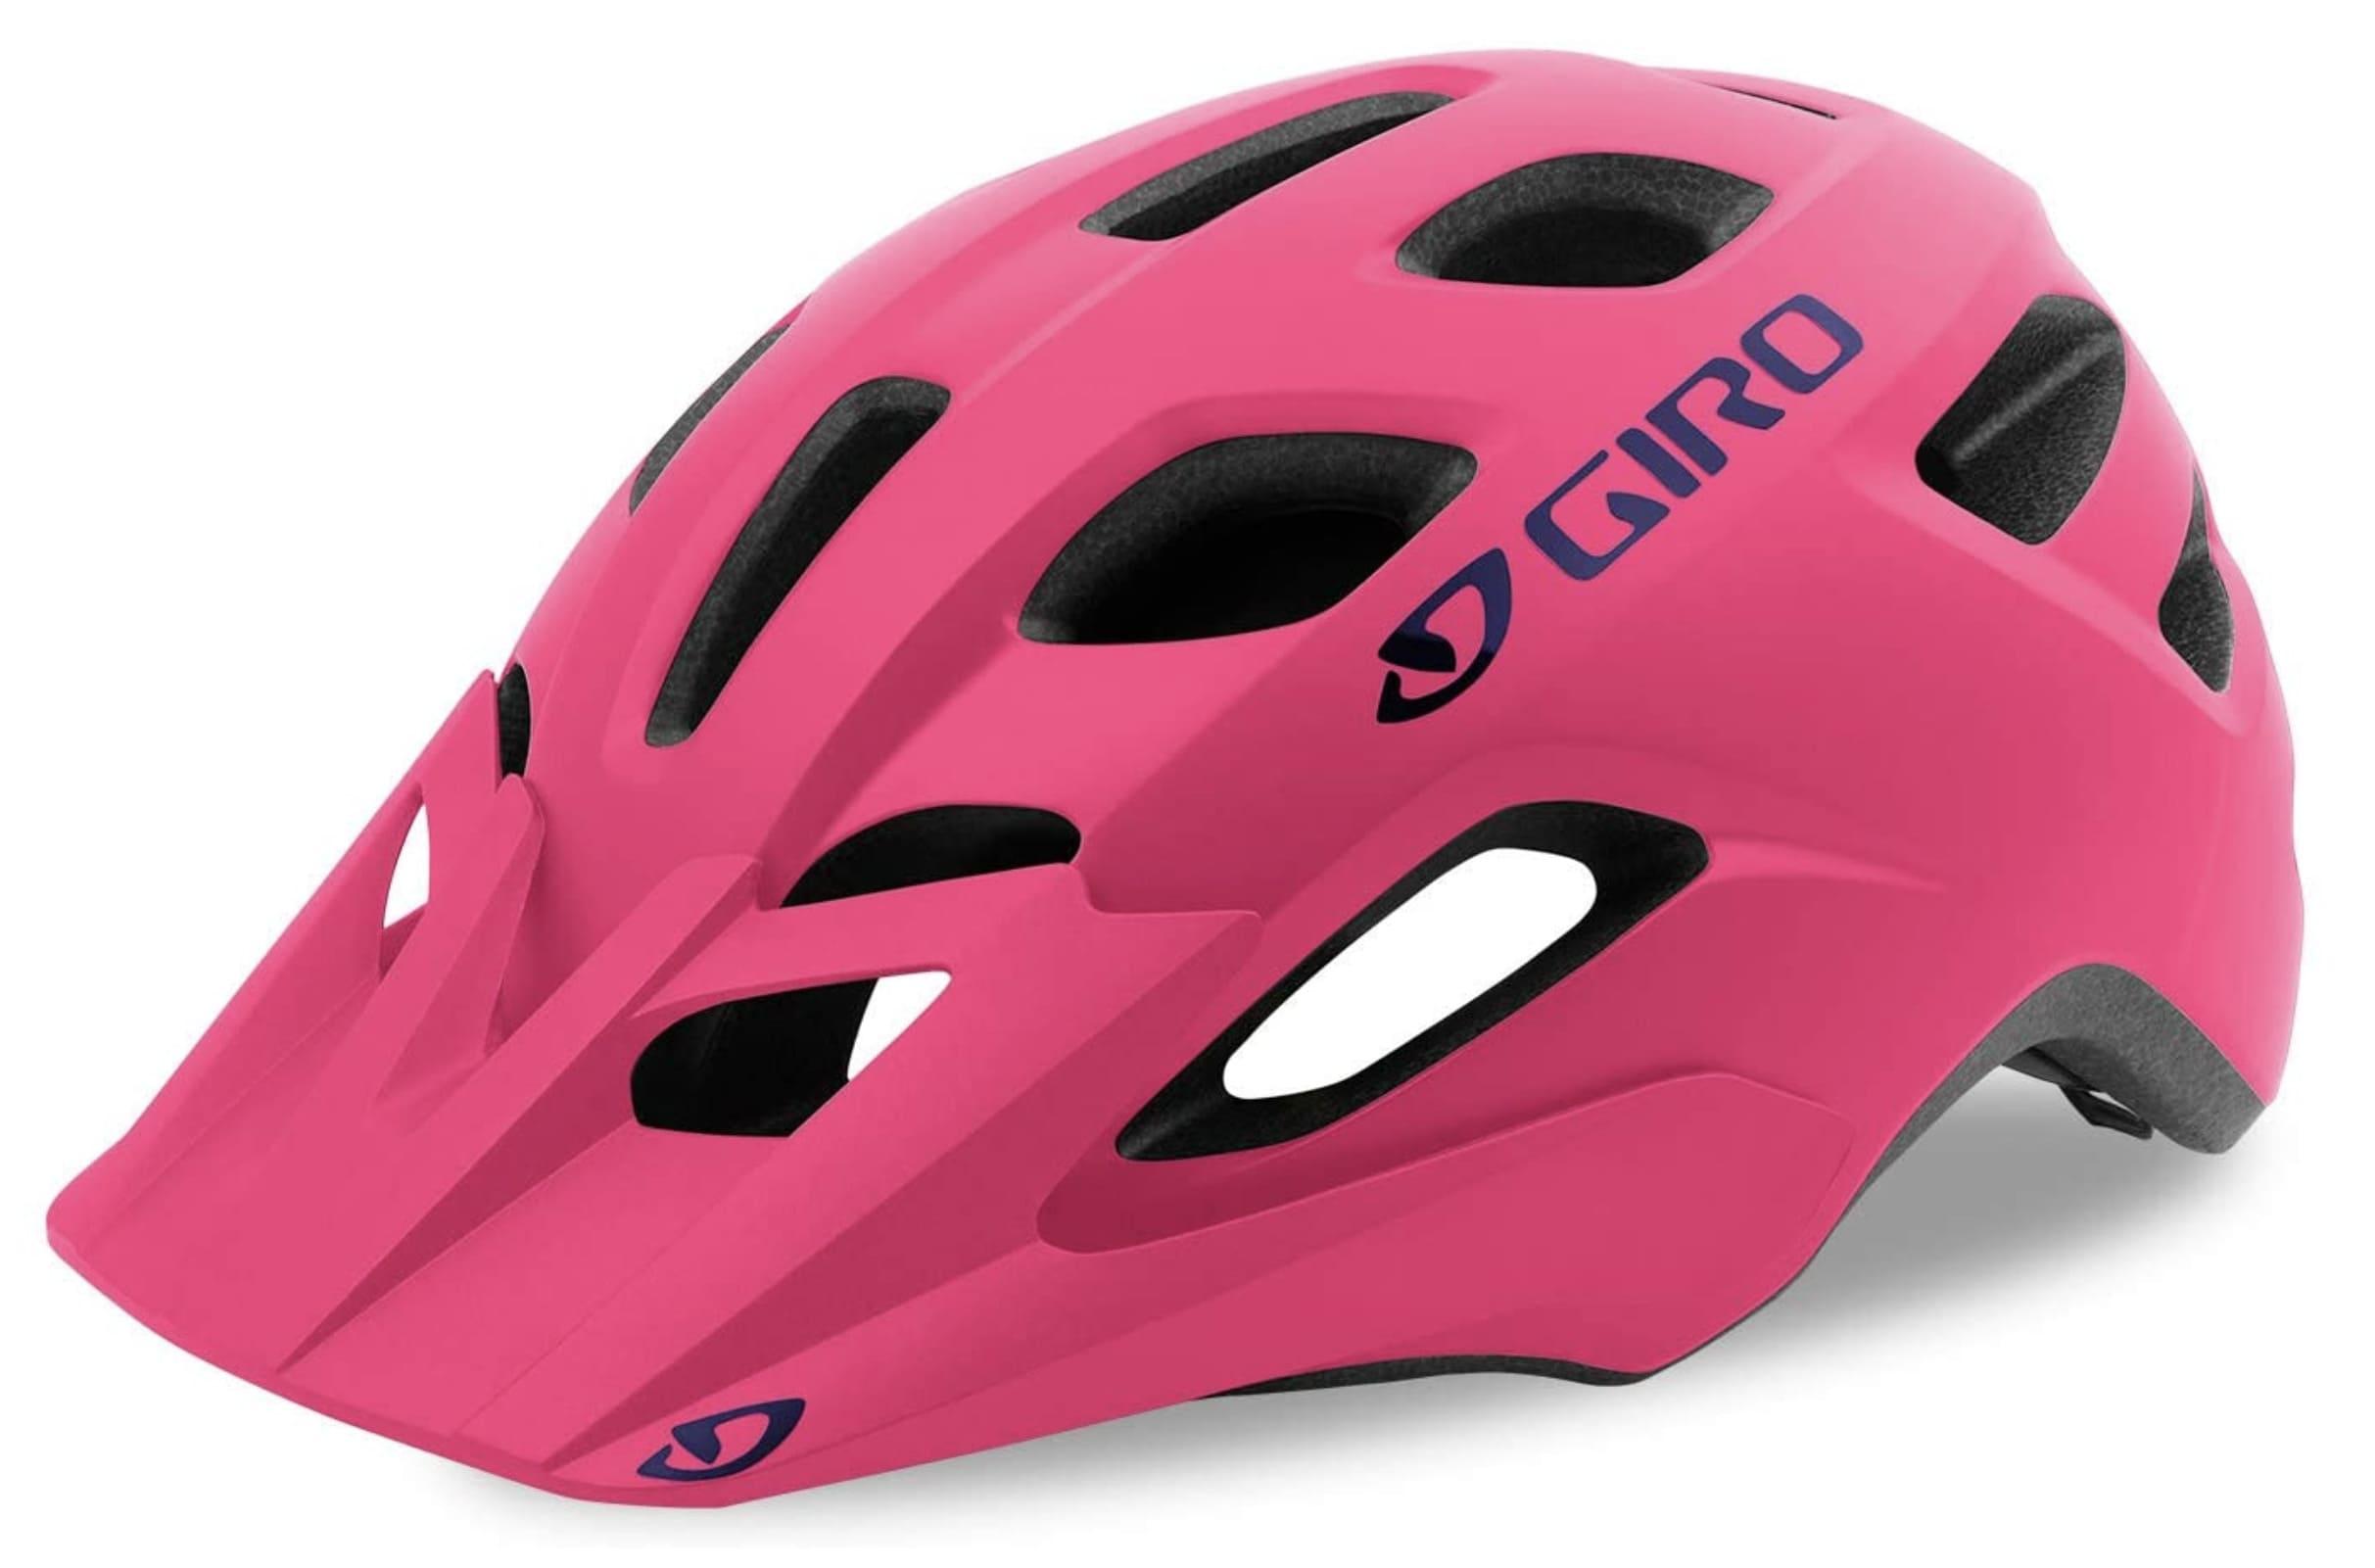 casco infantil Giro Tremor